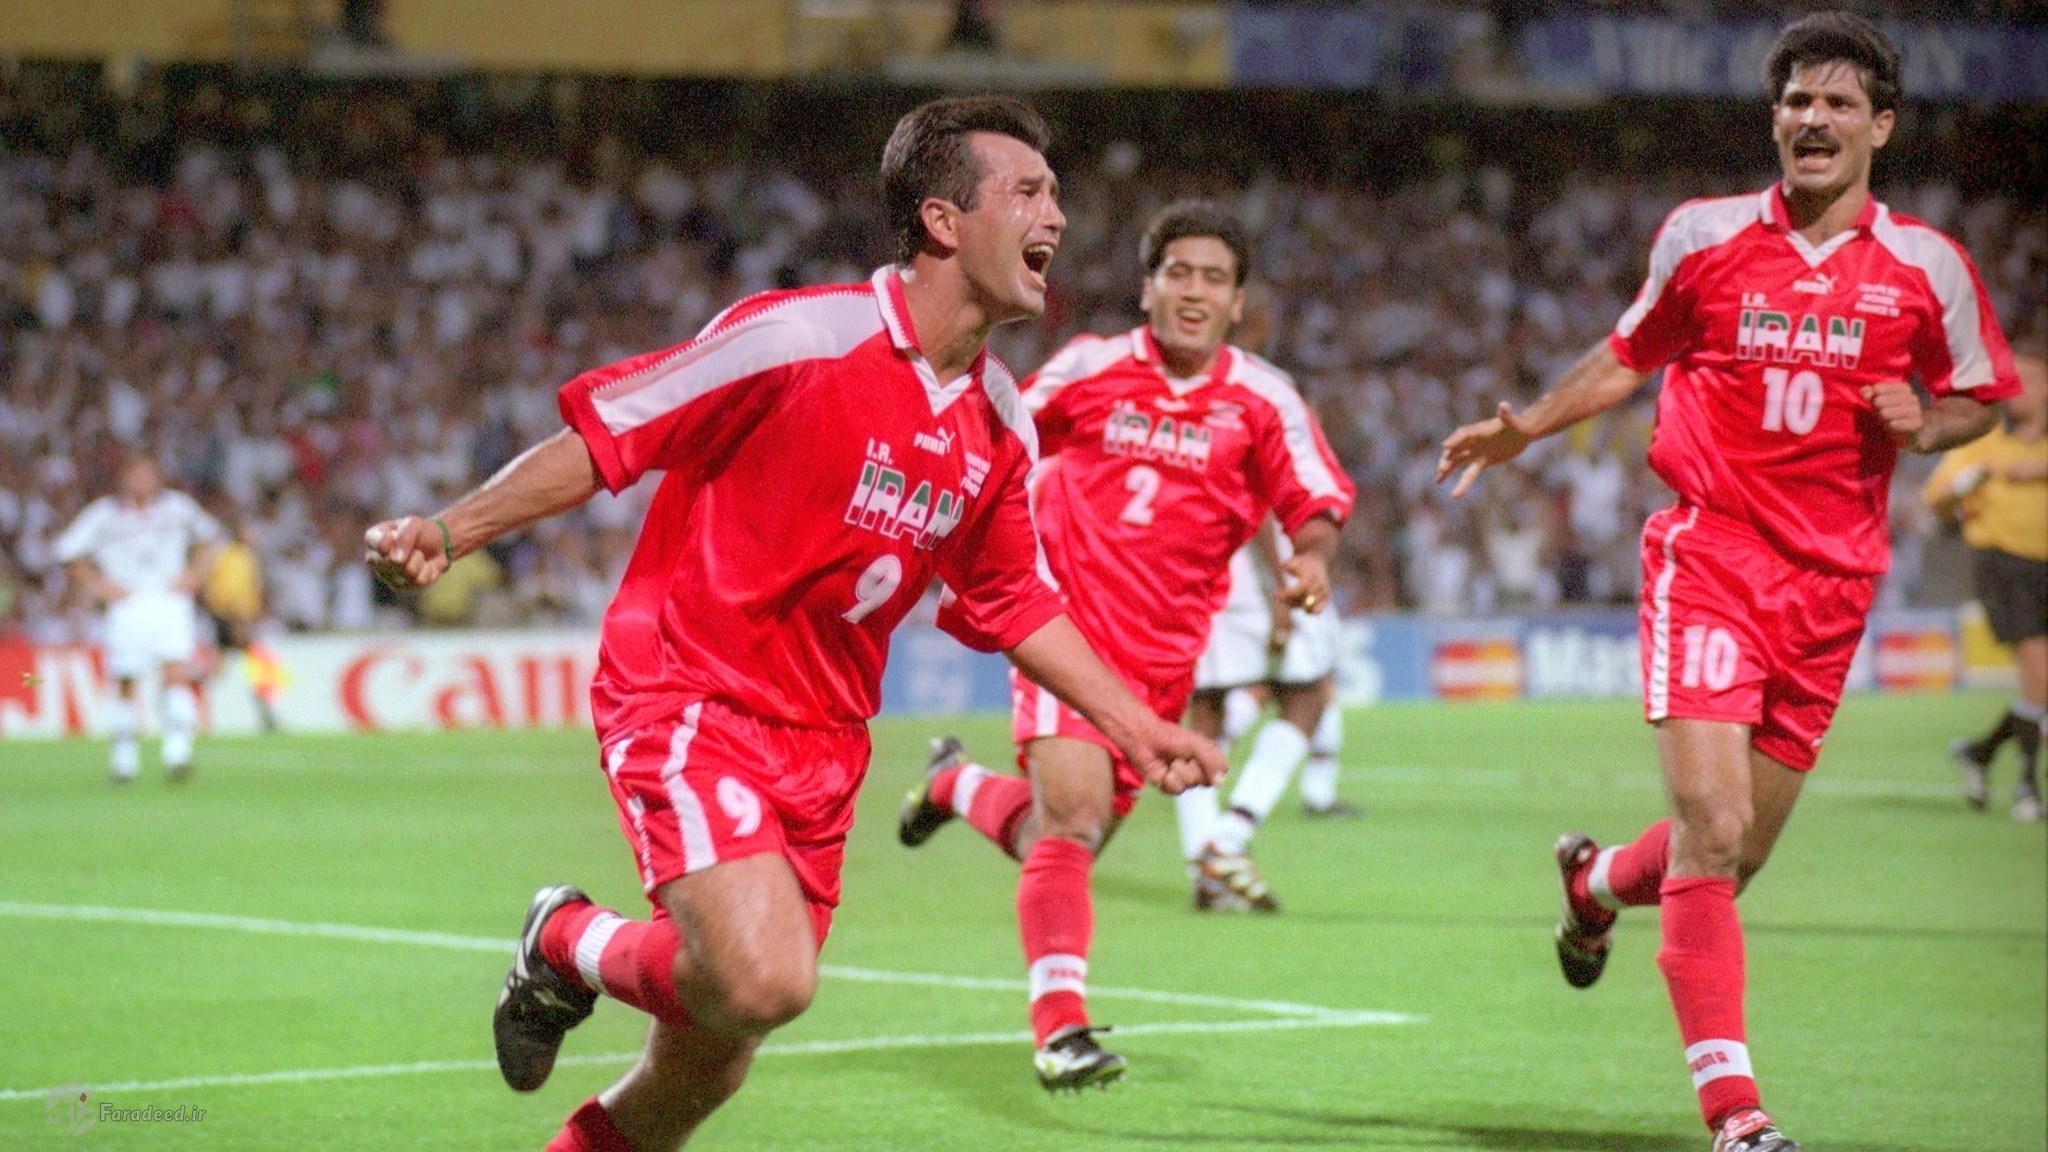 خلاصه دیدار به یاد ماندنی ایران و آمریکا در جام جهانی ۱۹۹۸ +فیلم